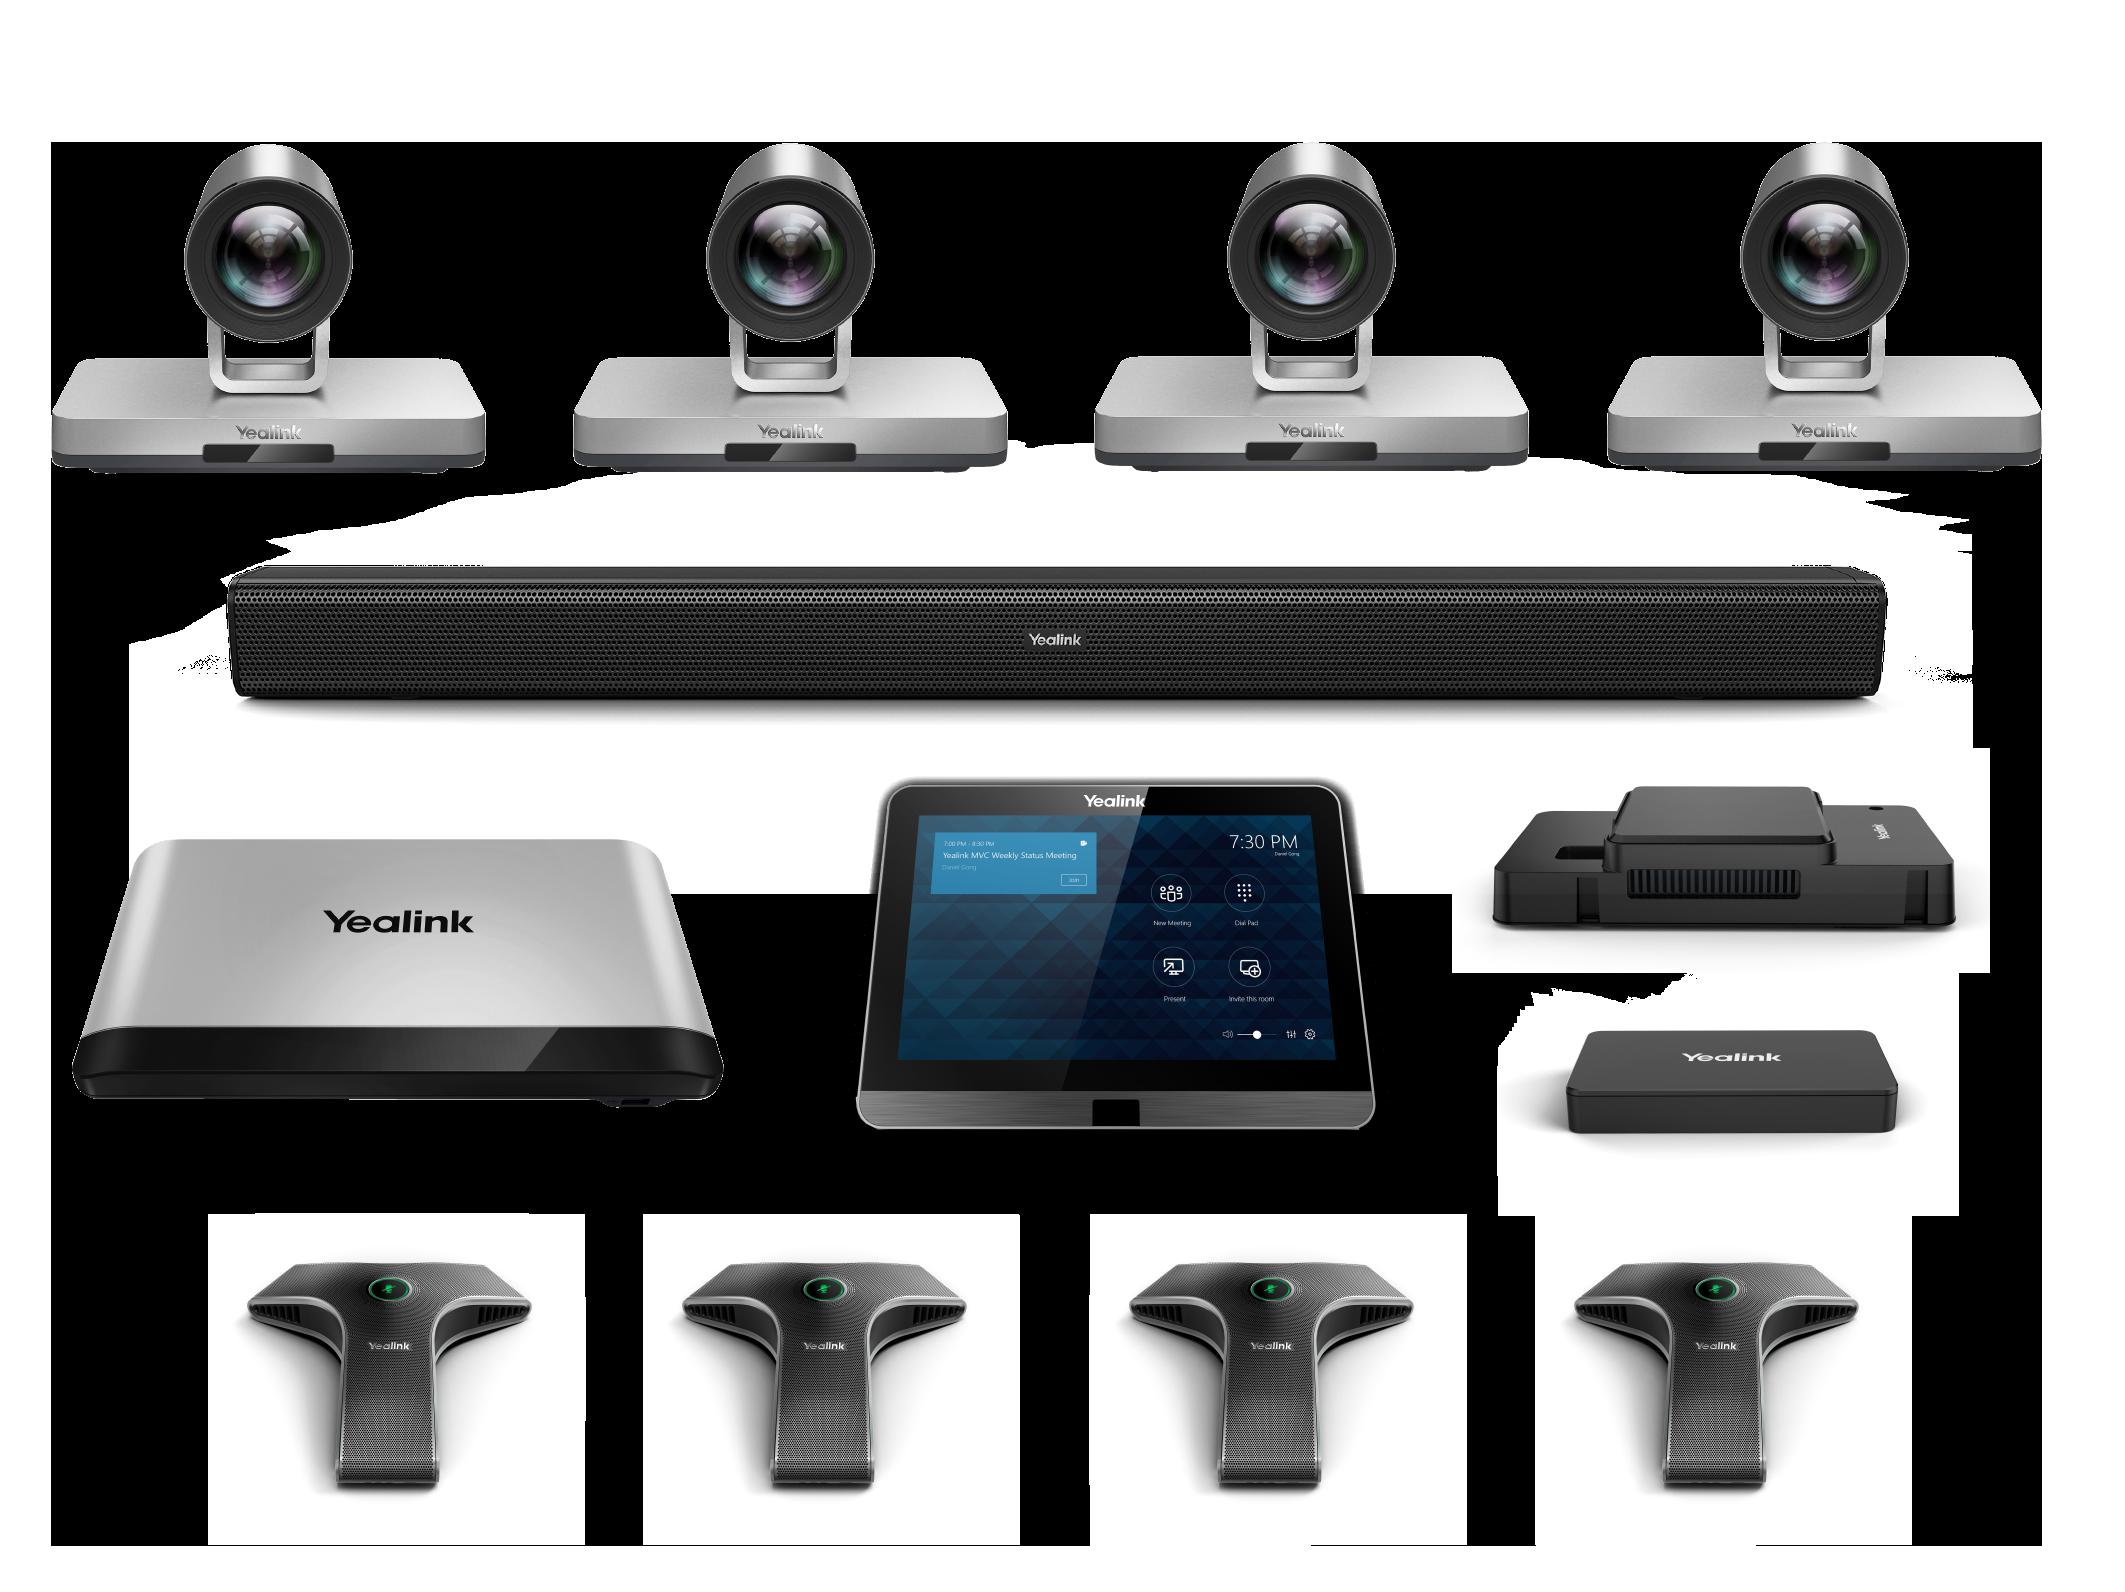 MVC900-4mics-2Cameras - Mini-PC, Mtouch, MShare, Camera Hub, 2 x UVC80, 4 x VCM34, Mspeaker, 2-year warranty